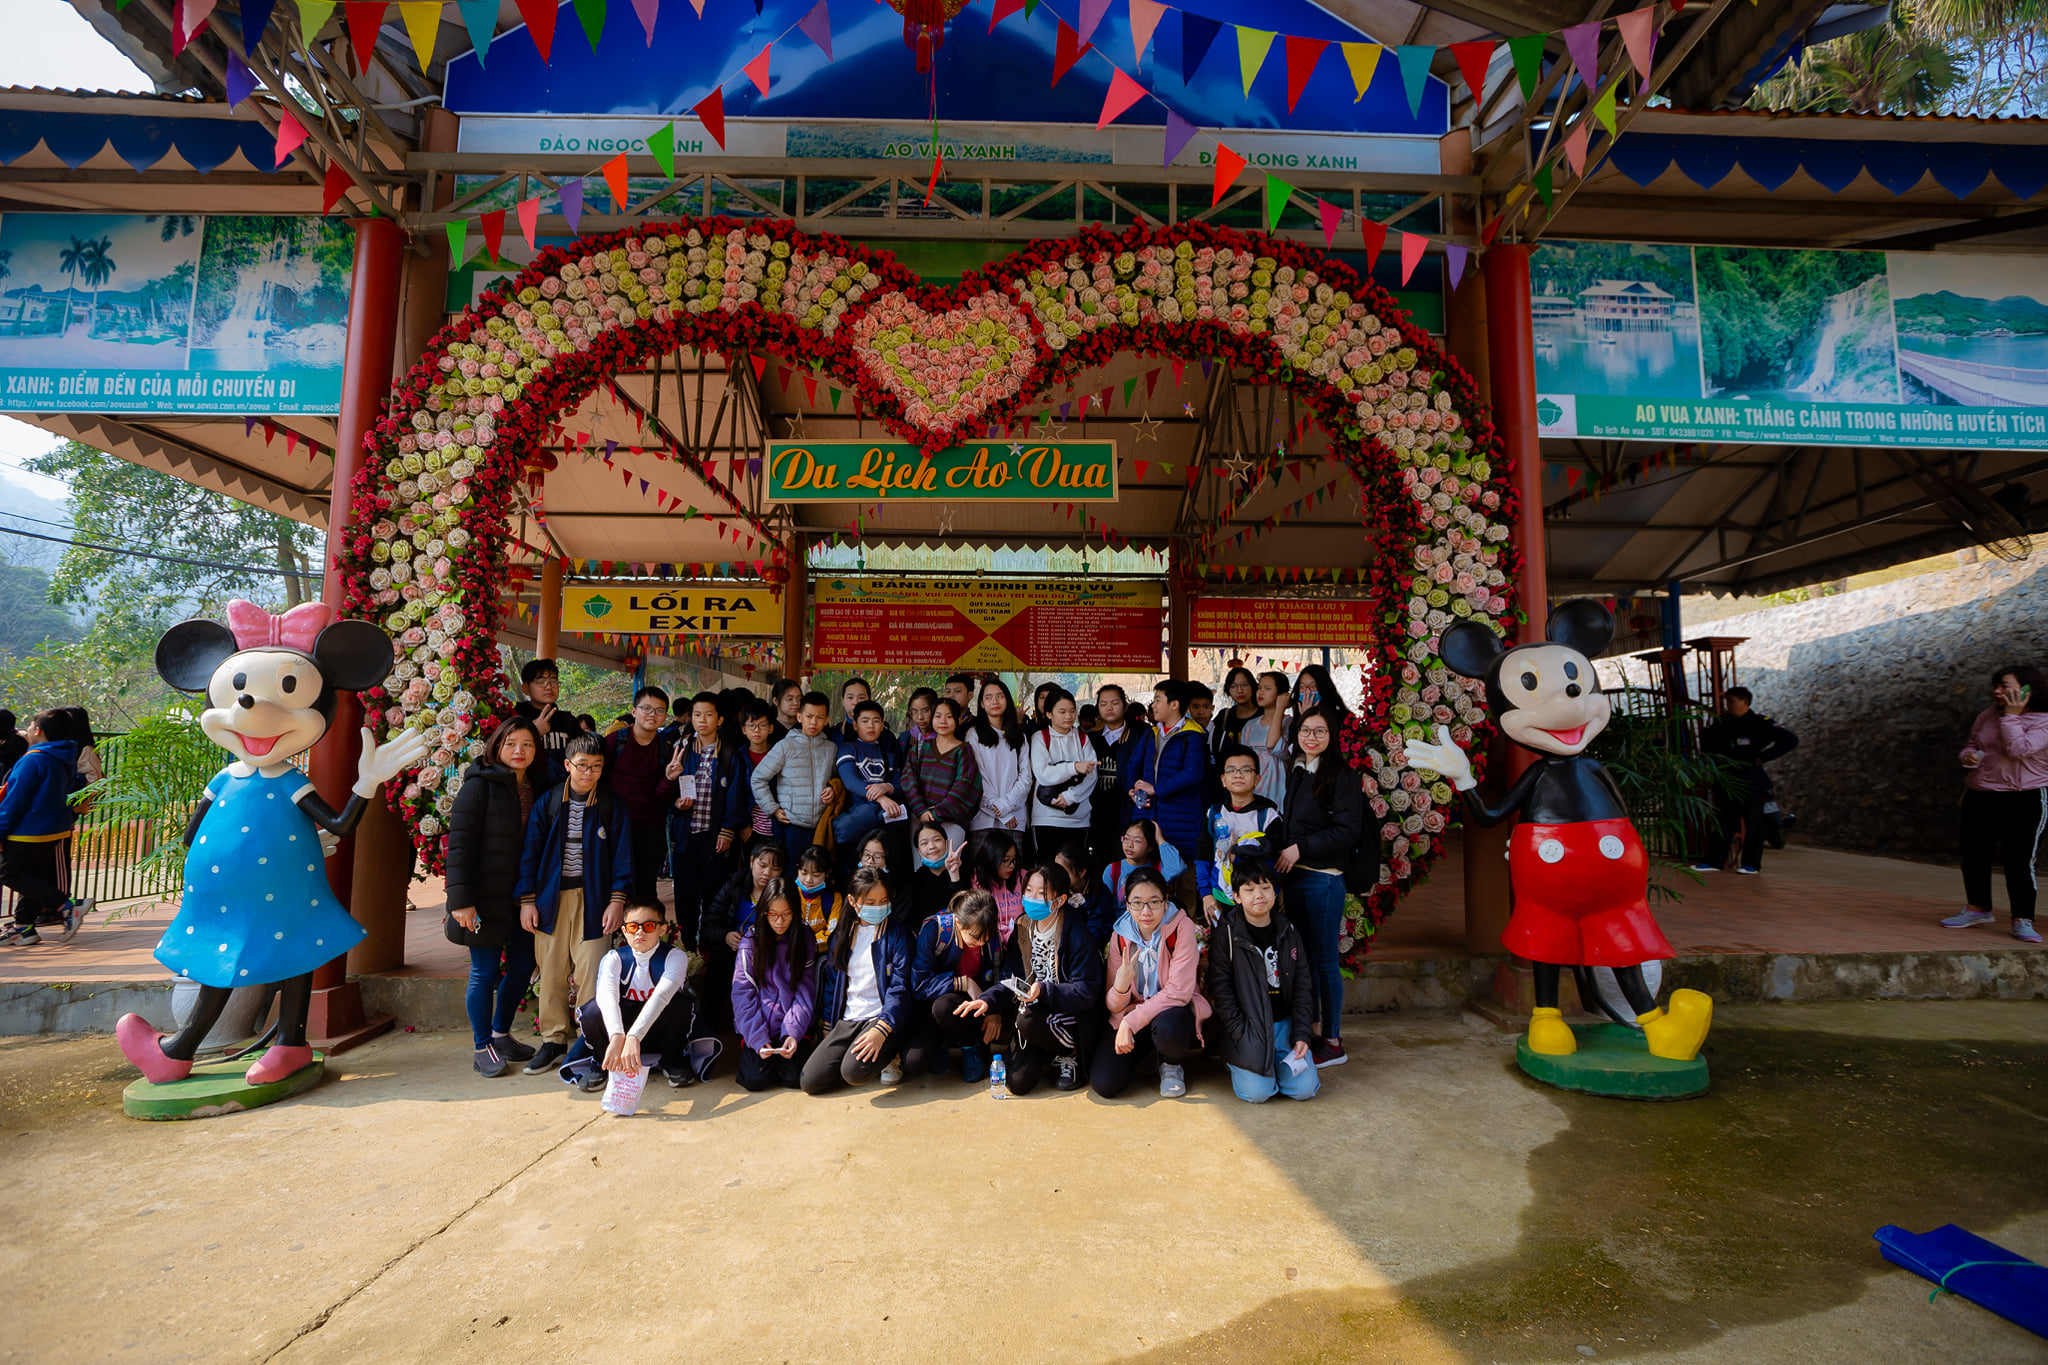 Hoạt động trải nghiệm ngoại khóa K9 - Đá Chông và Khu du lịch Ao vua